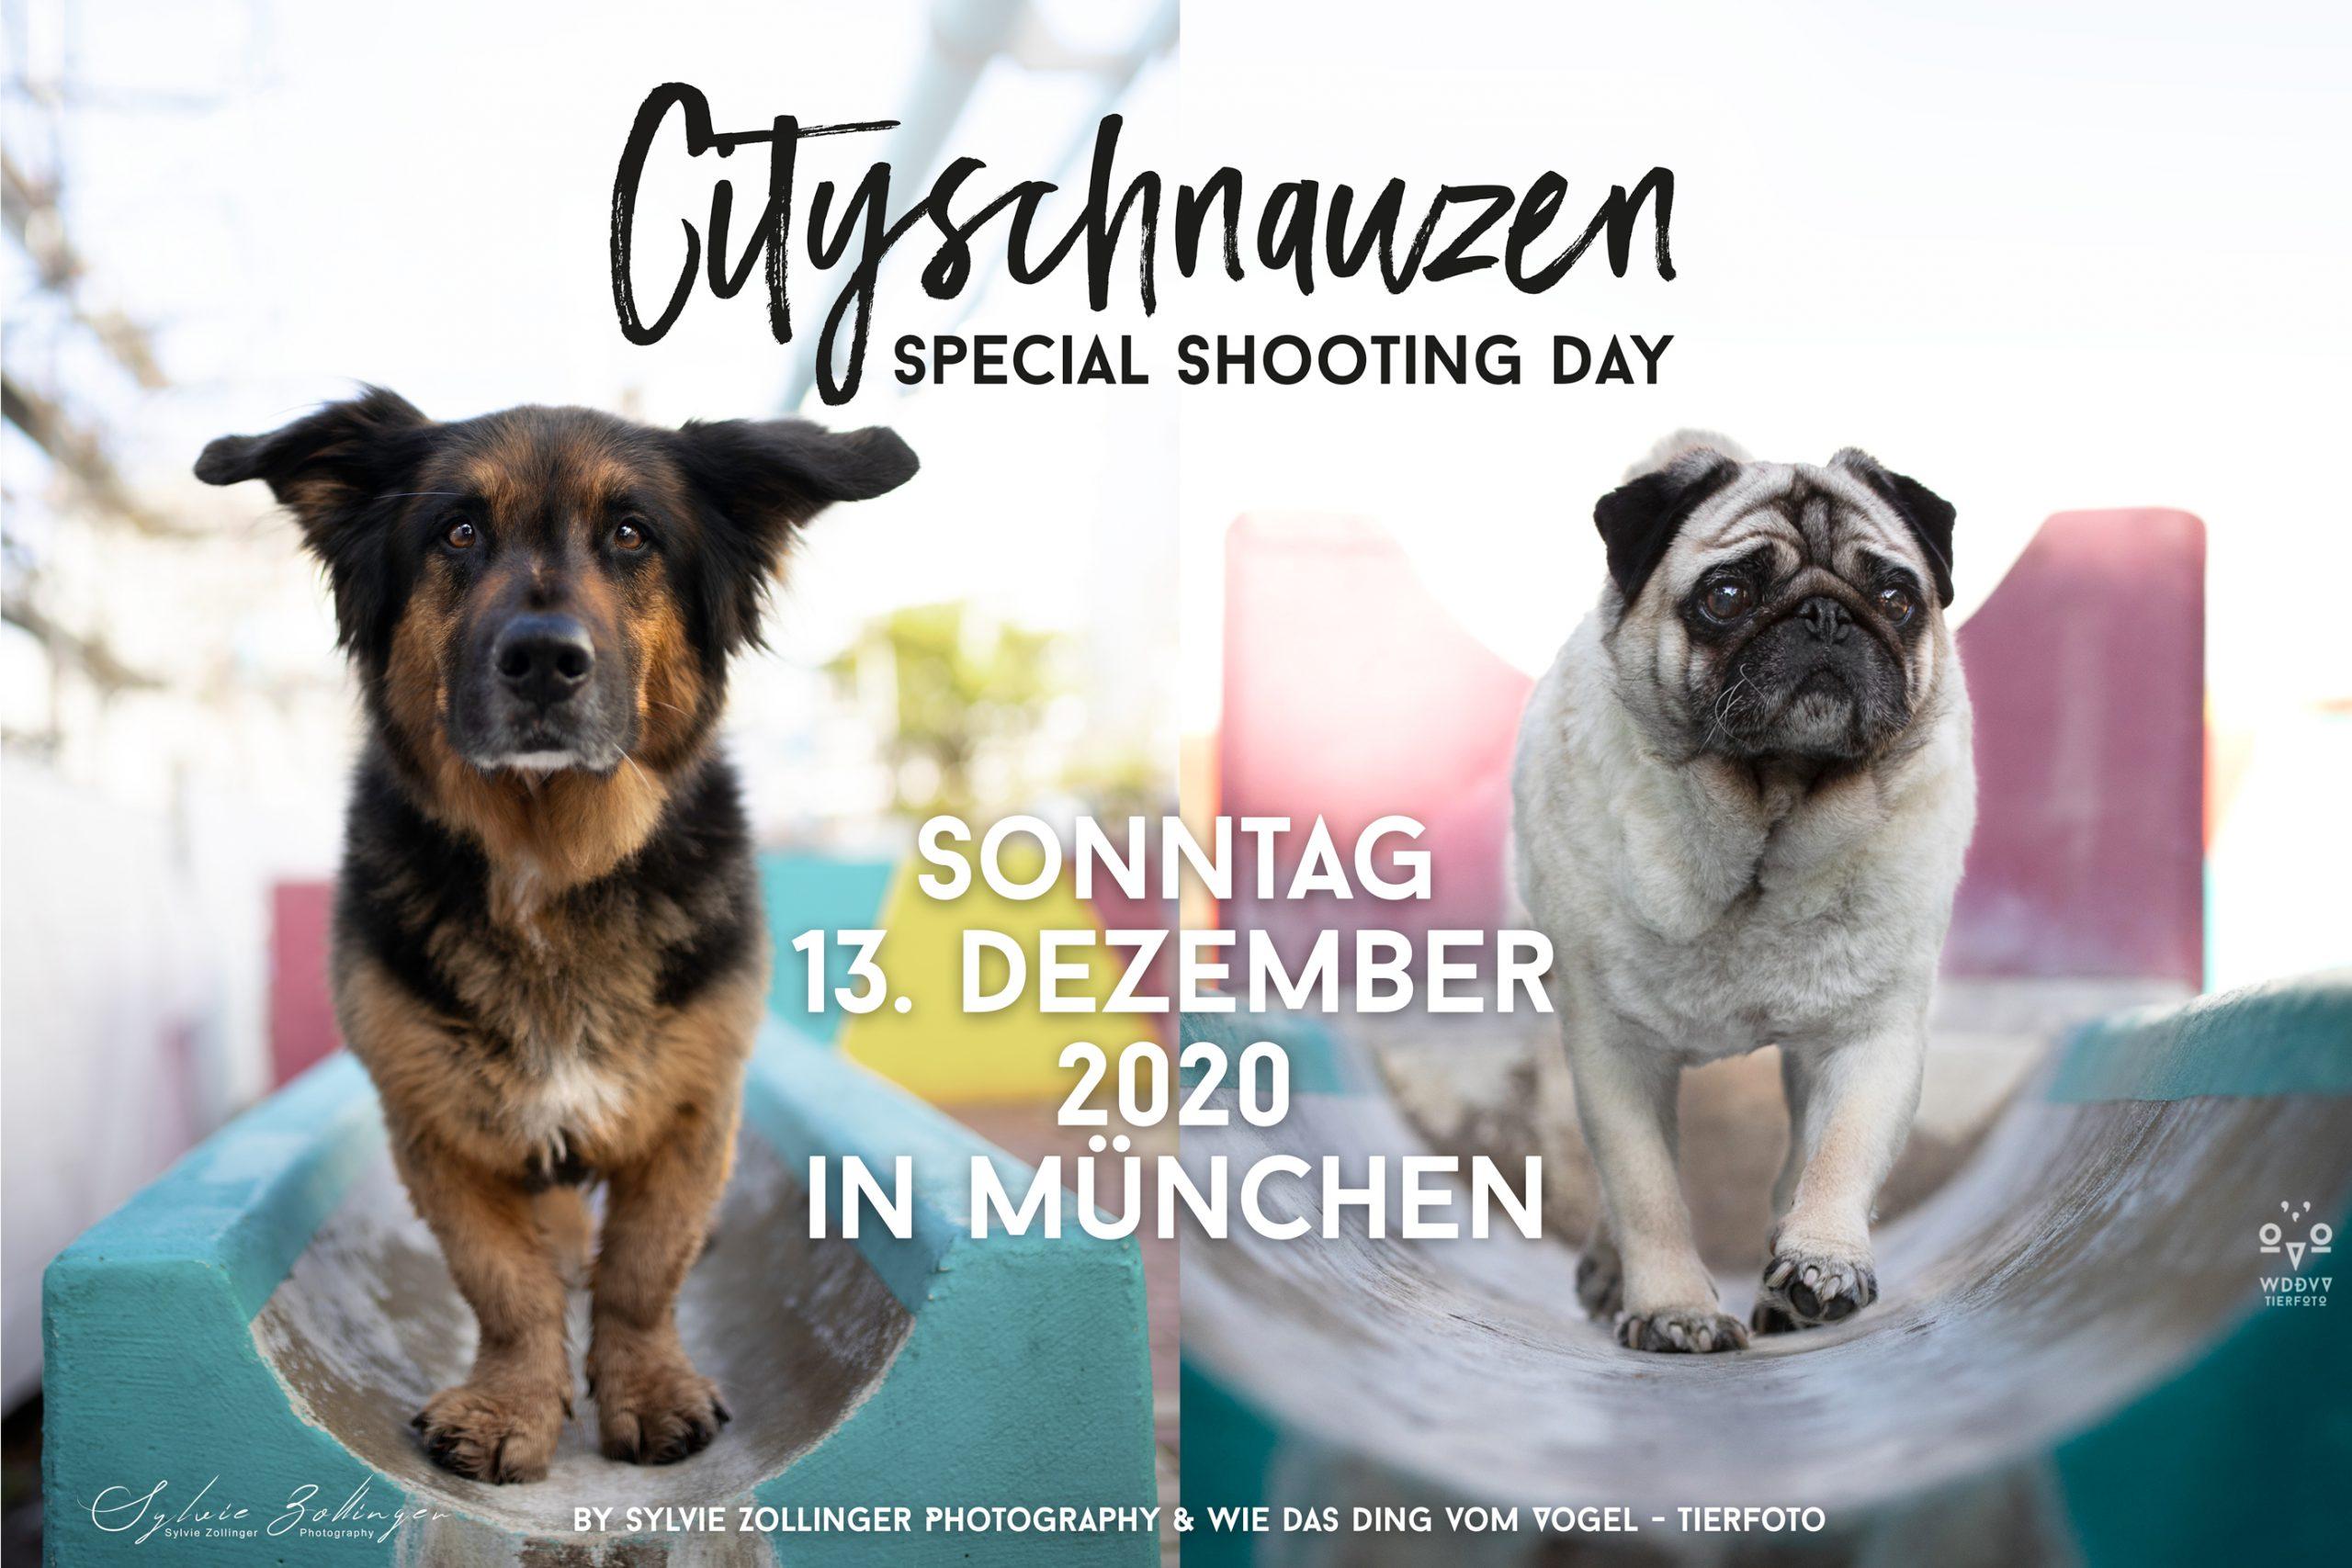 201123_Header_Cityschnauzen_Tiershooting